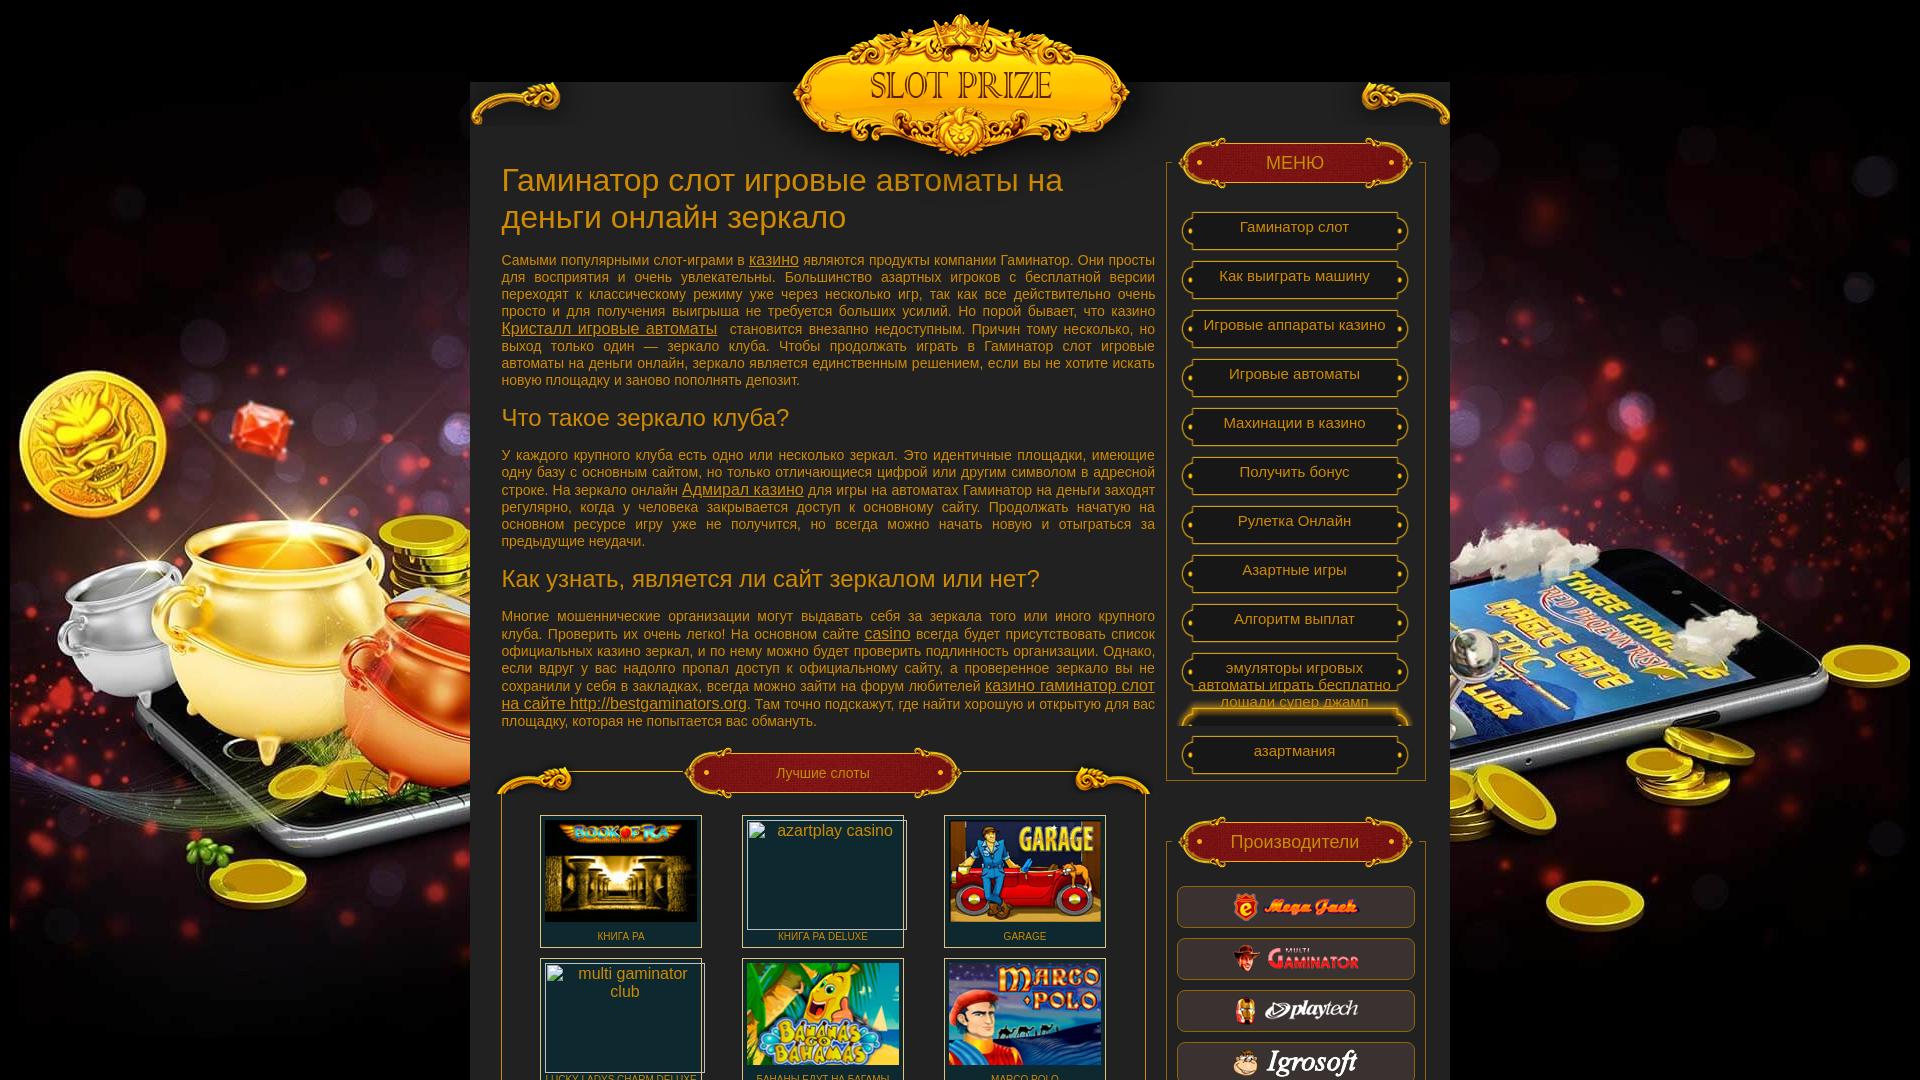 Онлайн казино украины на гривны ? топ украинских казинои слотов с выводом и бонусами